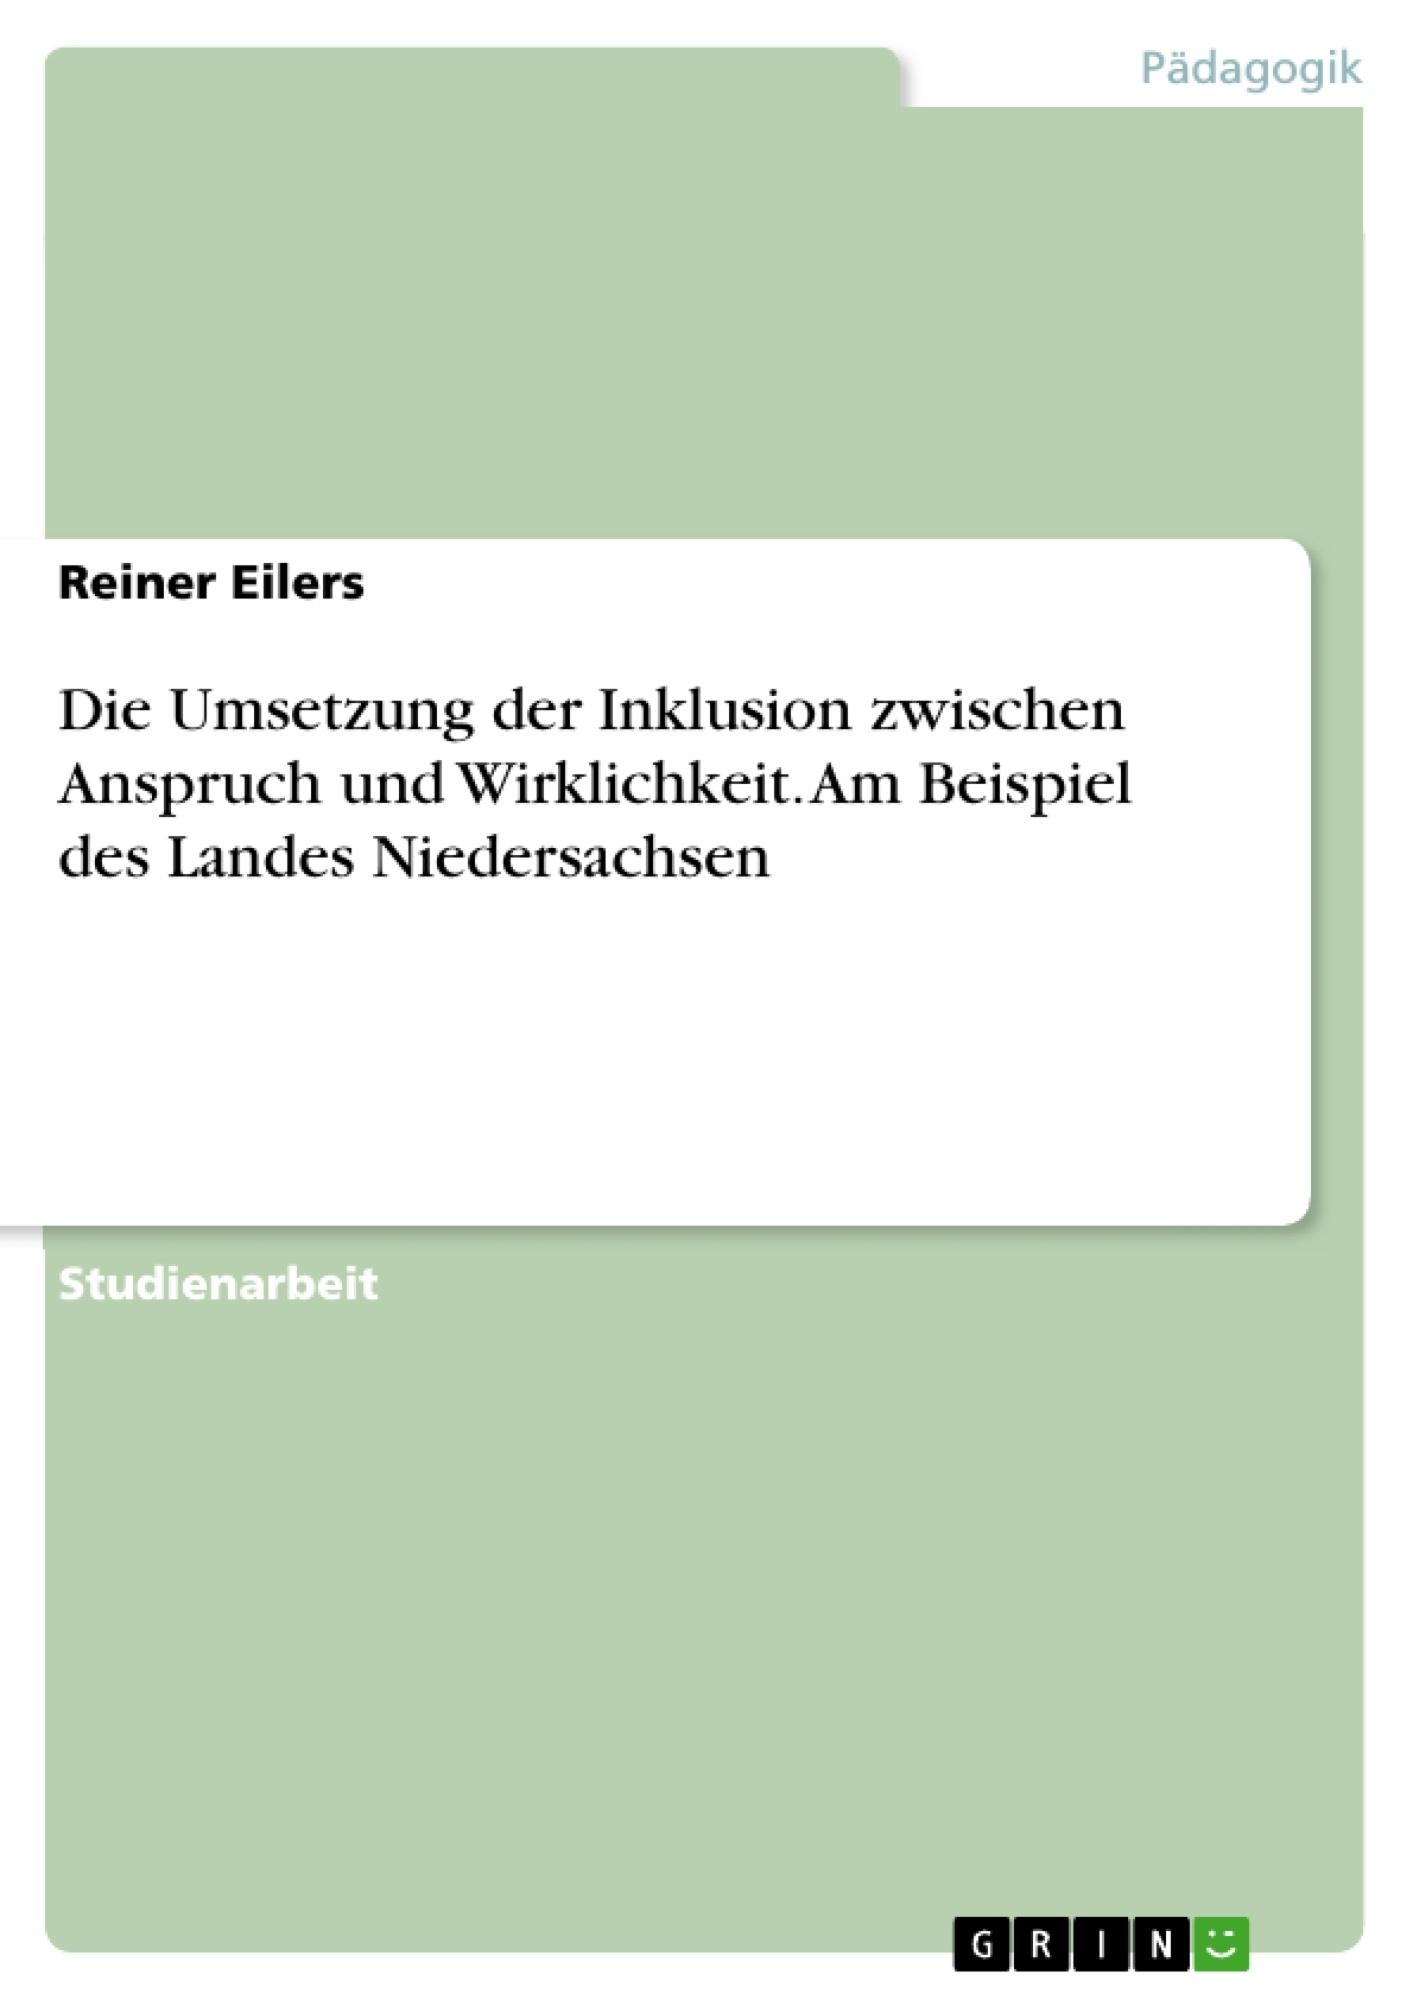 Titel: Die Umsetzung der Inklusion zwischen Anspruch und Wirklichkeit. Am Beispiel des Landes Niedersachsen